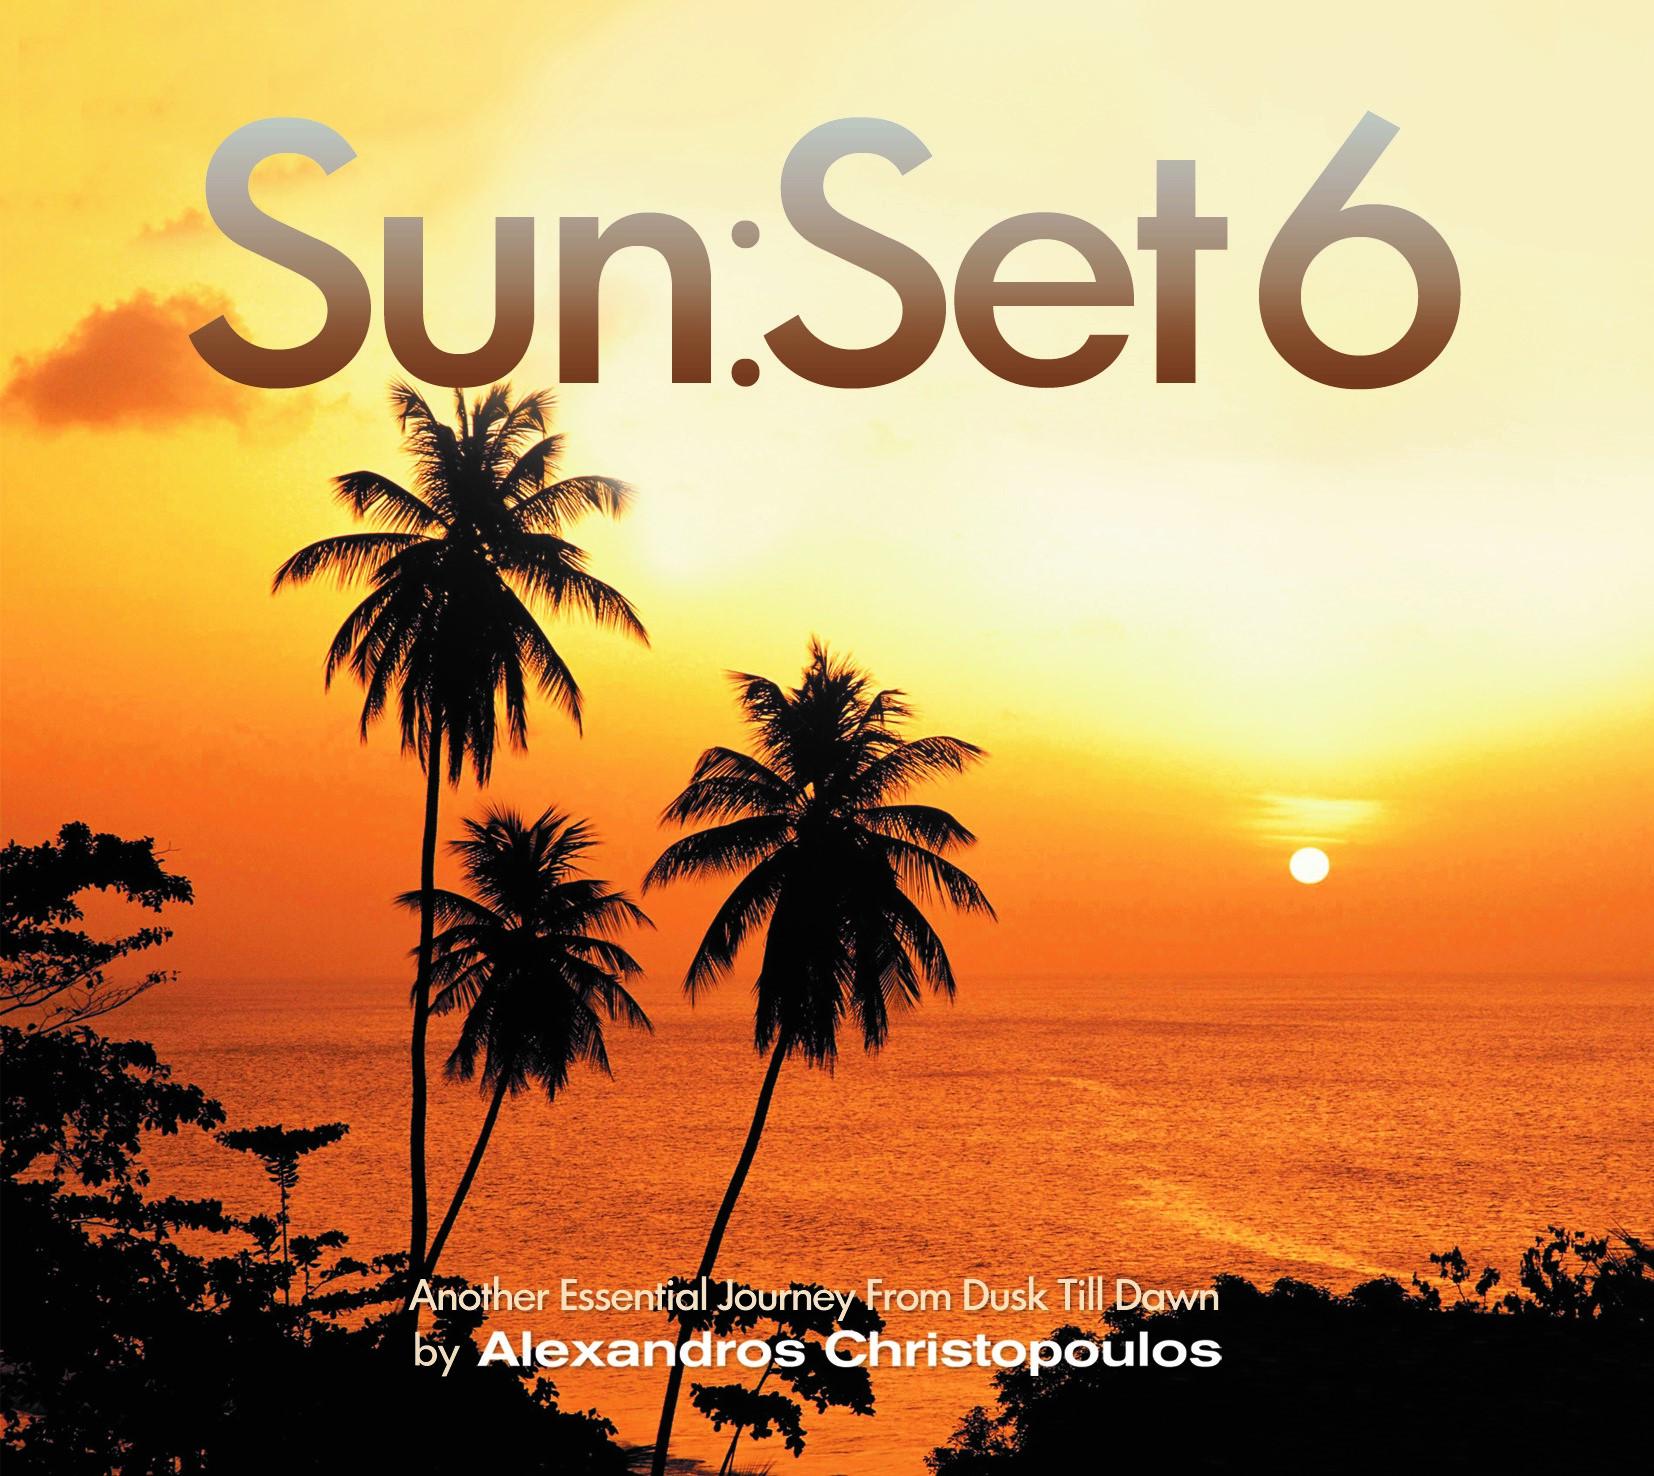 Sun:Set 6